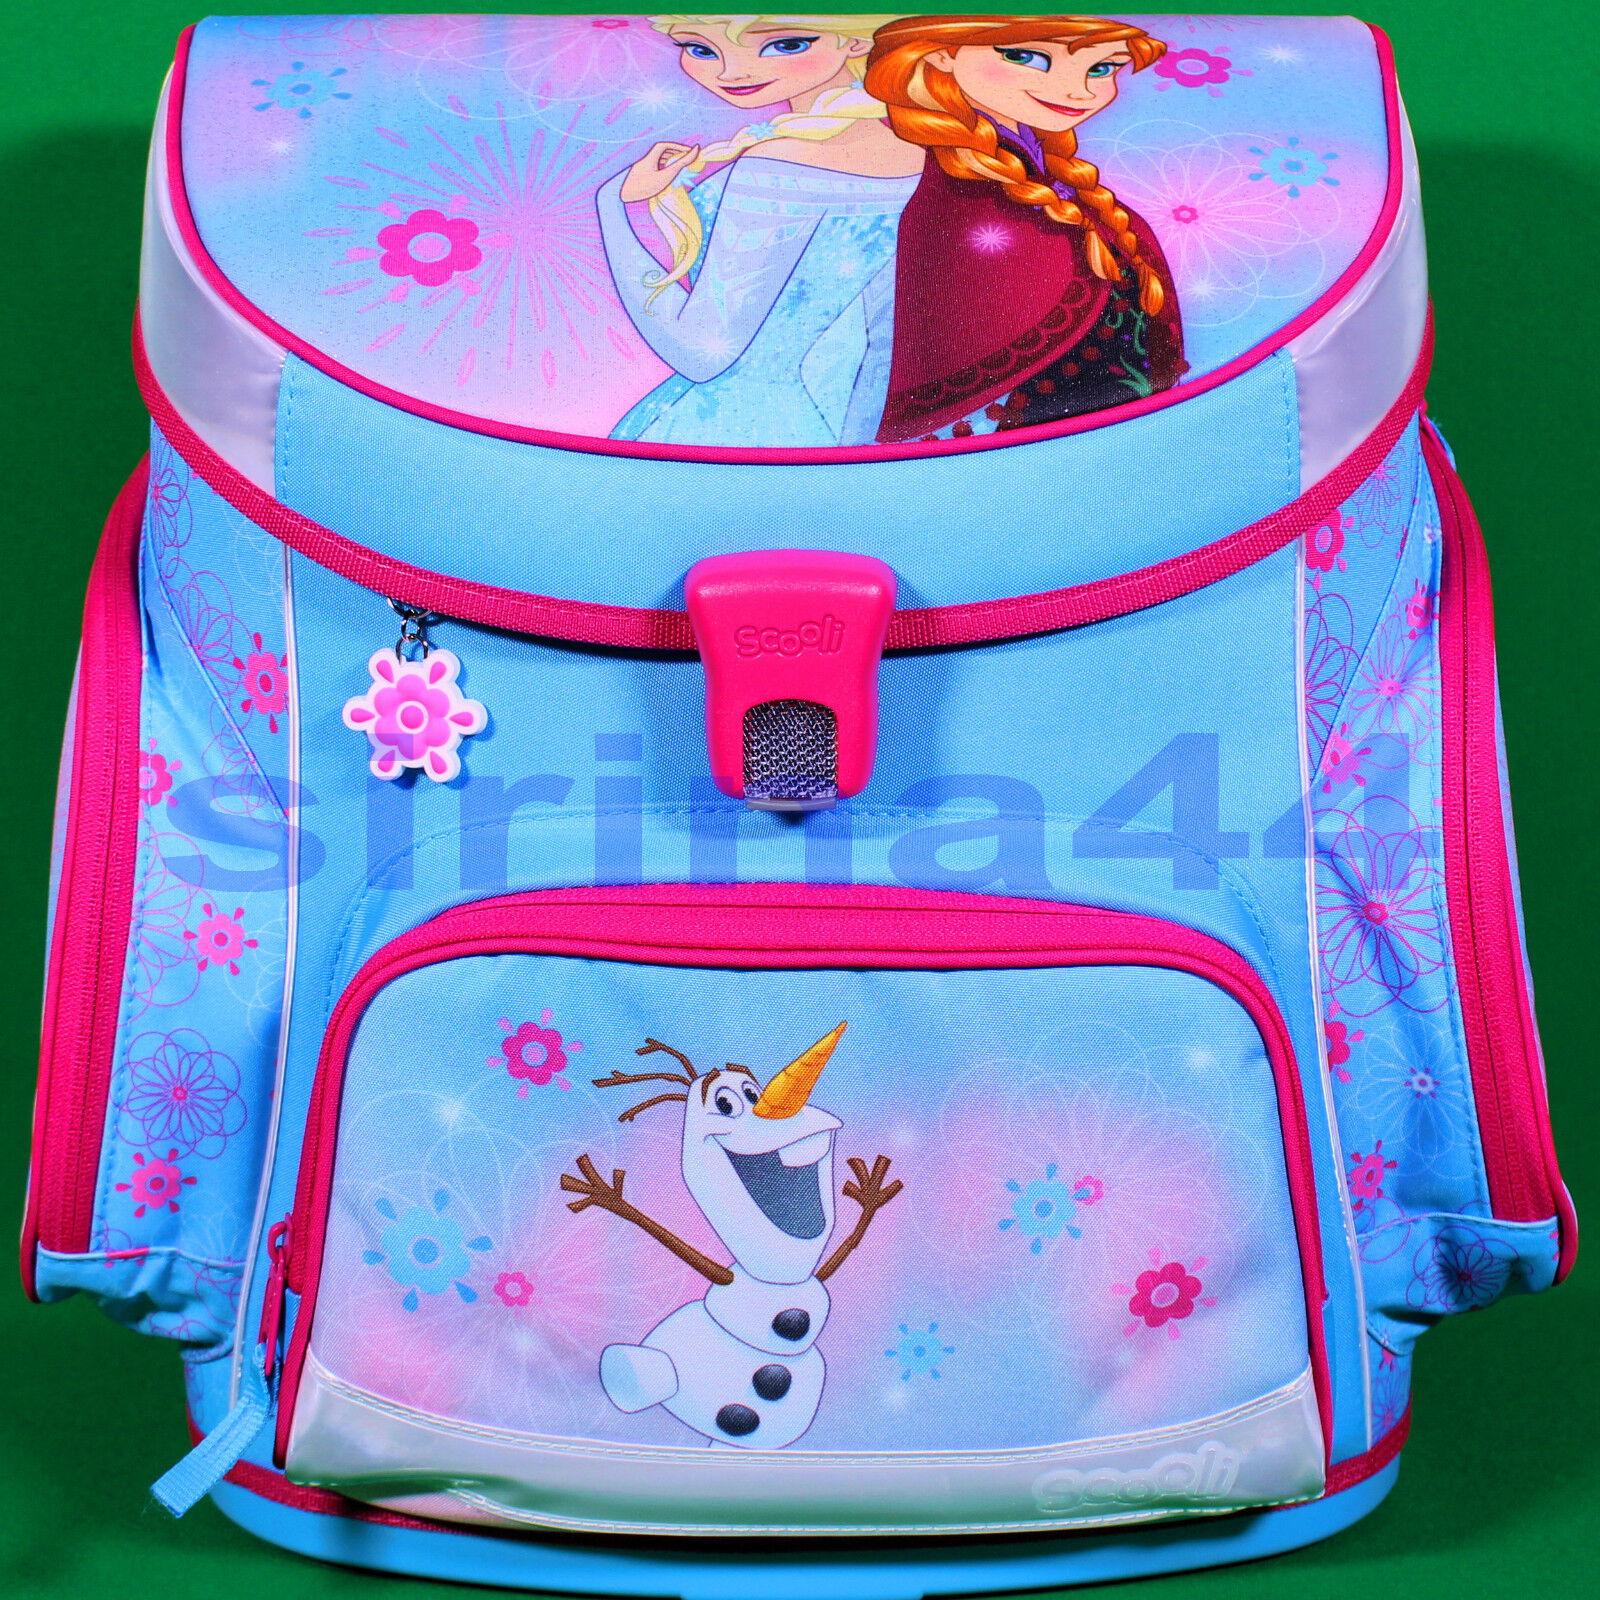 22tlg Schulranzen-Set  Frozen - Eiskönigin  m.Sporttasche,Flasche+Dose,Schultüte | Hochwertige Materialien  | eine große Vielfalt  | Bequeme Berührung